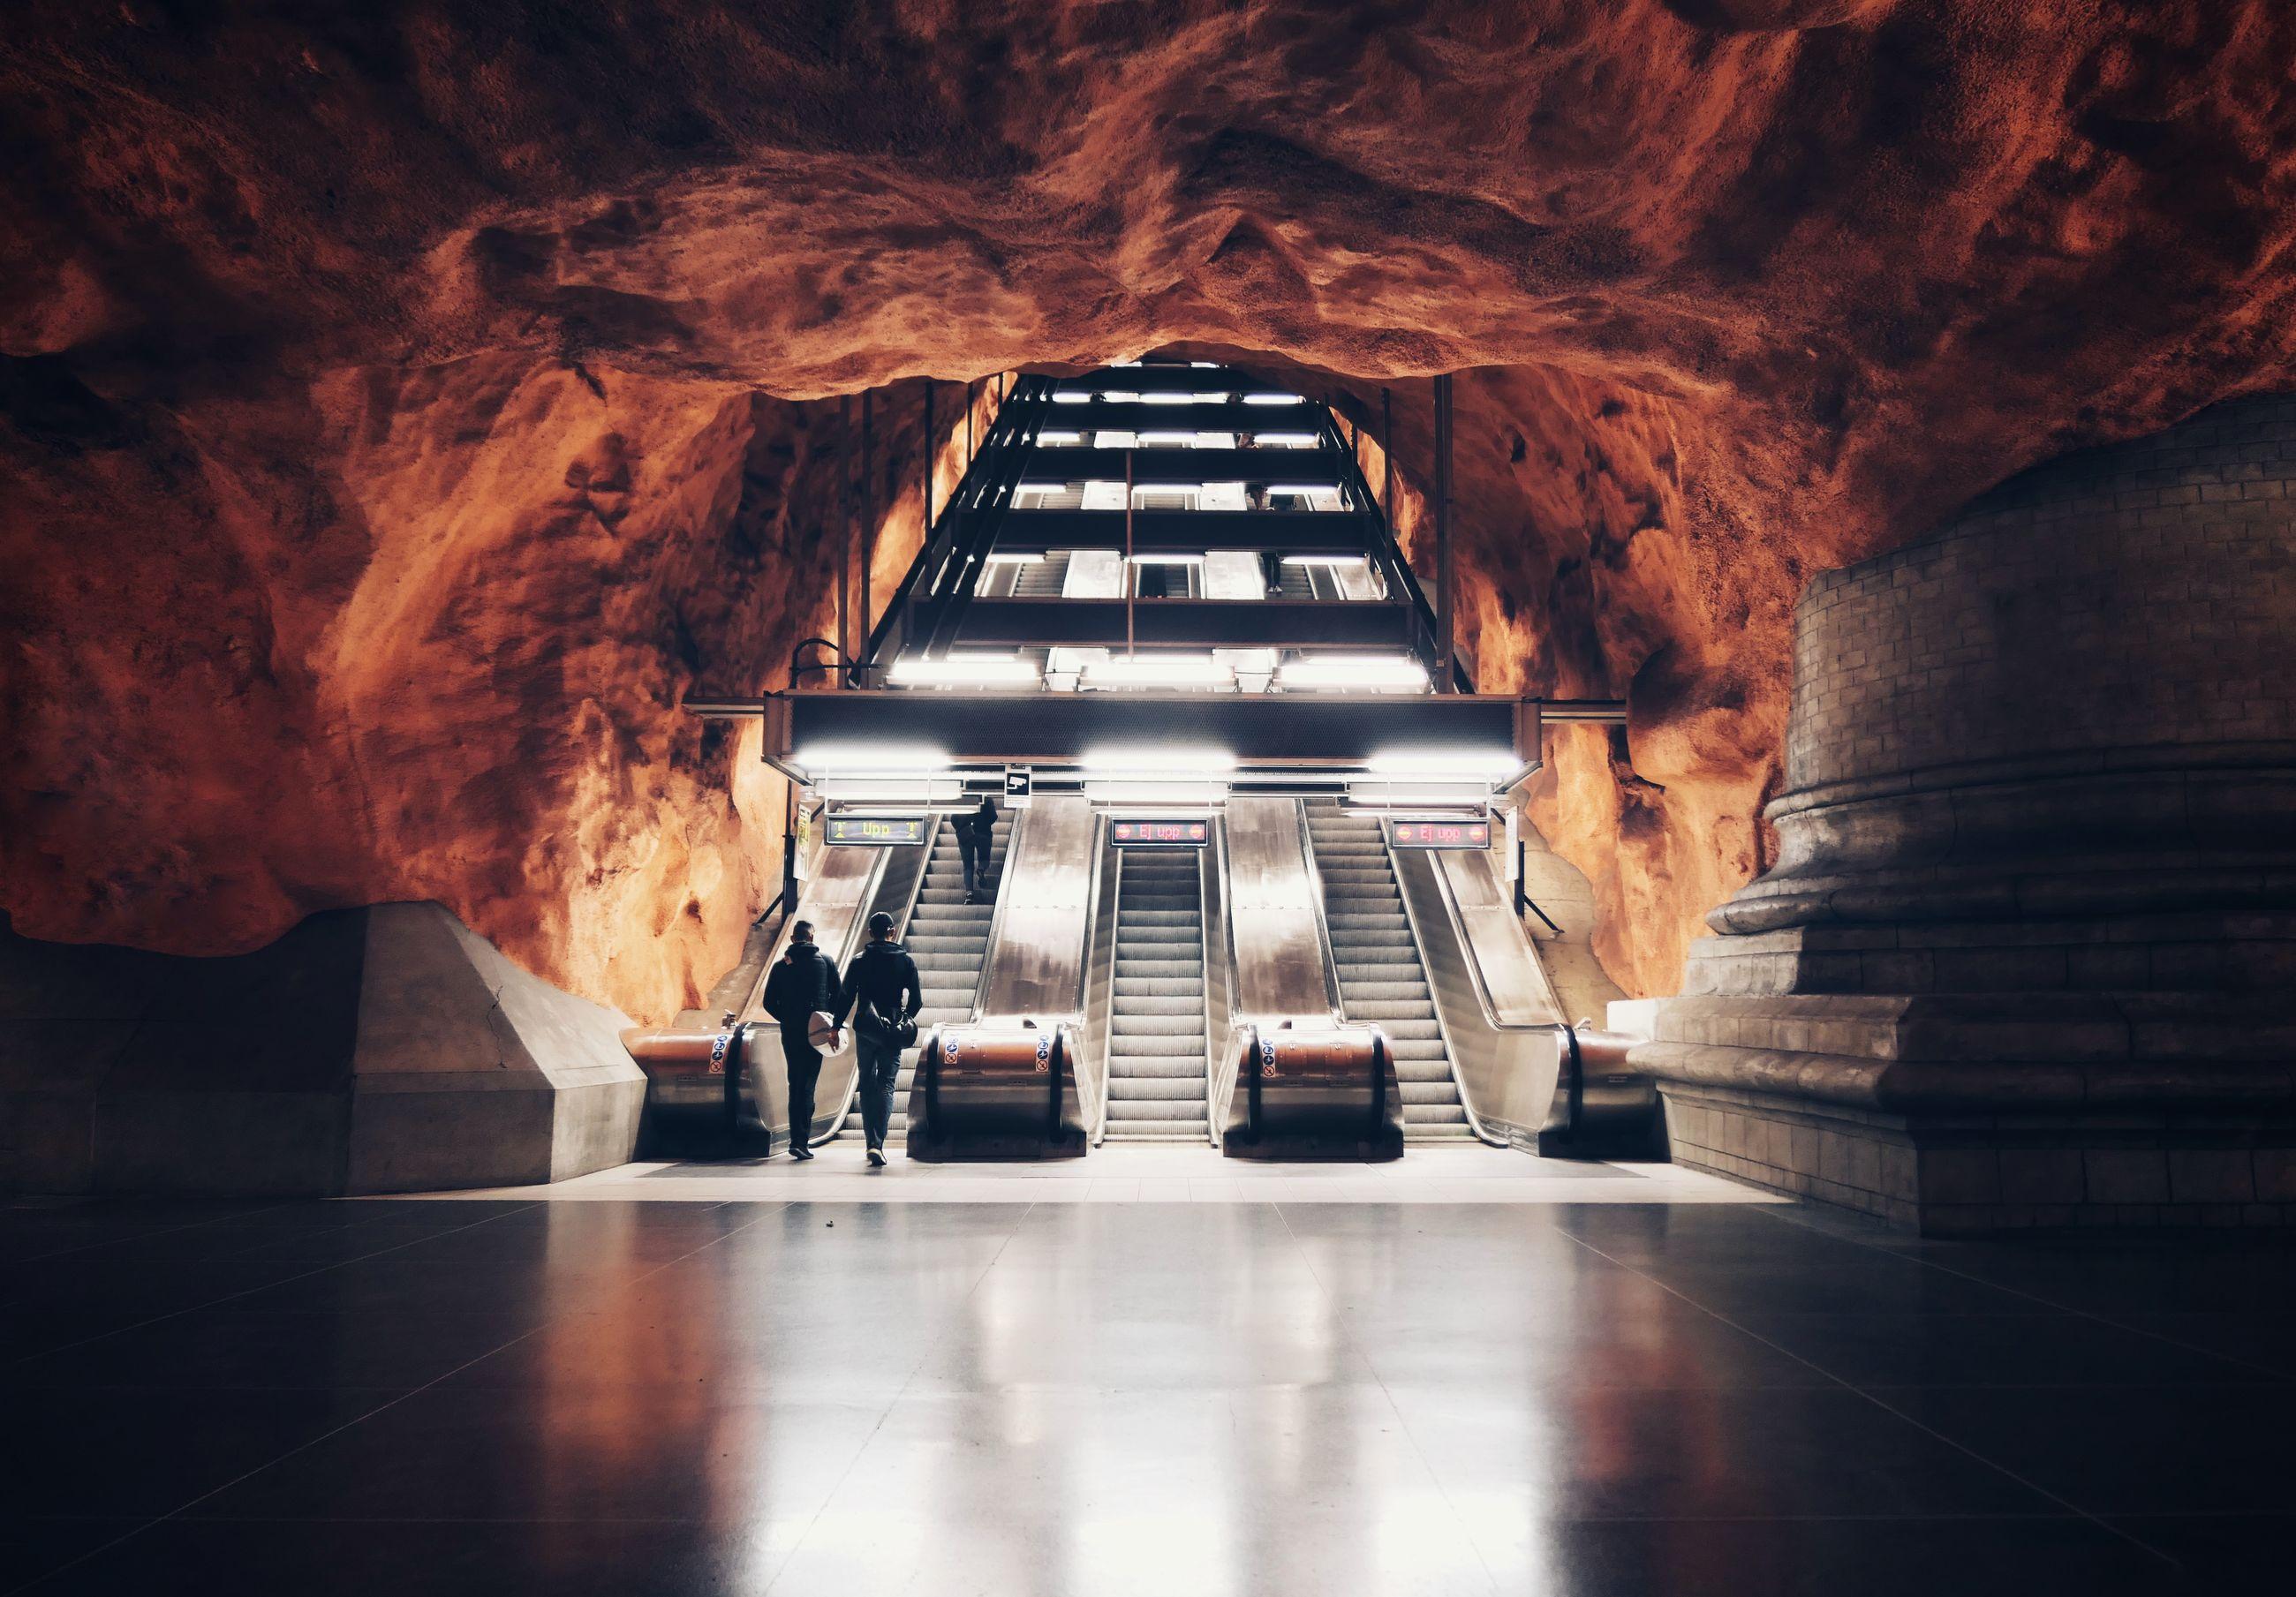 Illuminated escalator in cave